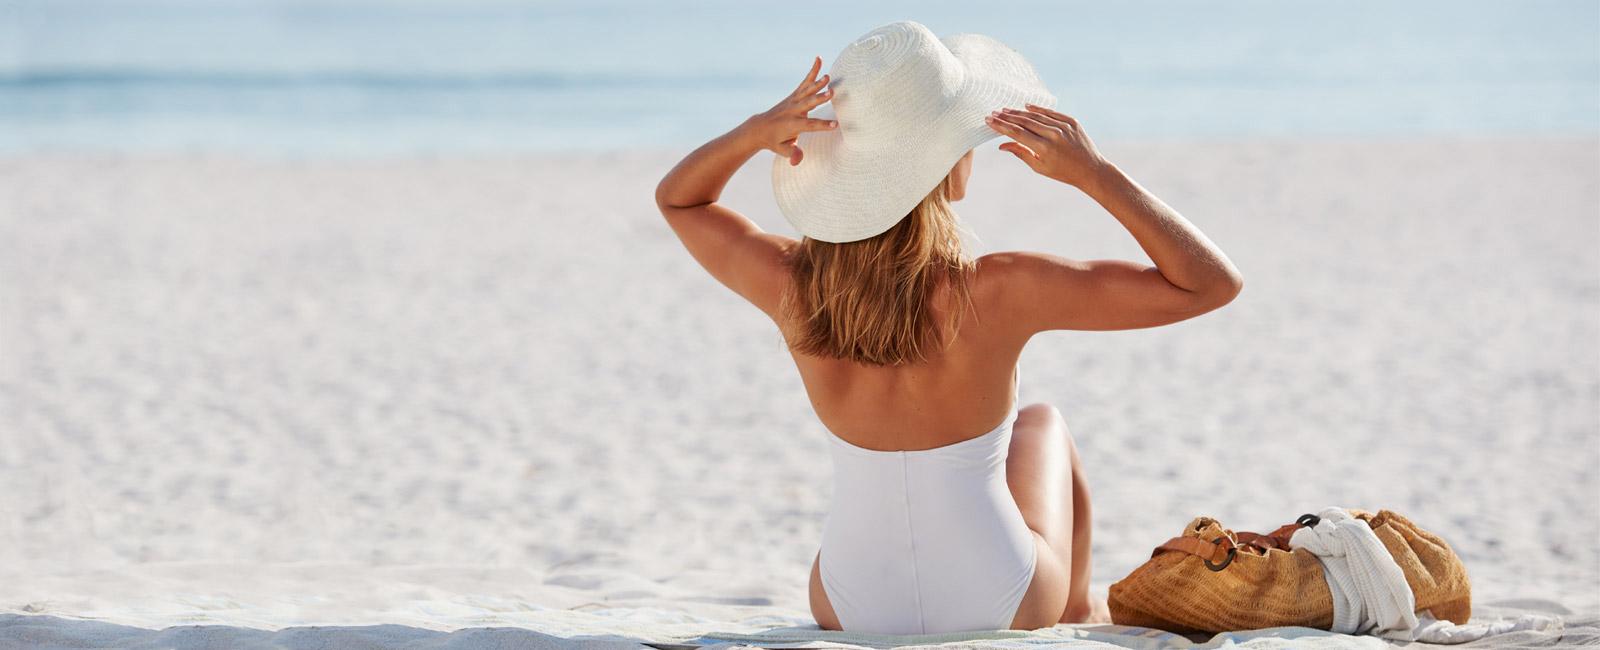 Kuidas päikesekaitsevahendeid vajaliku tulemuse saavutamiseks nahale kanda?